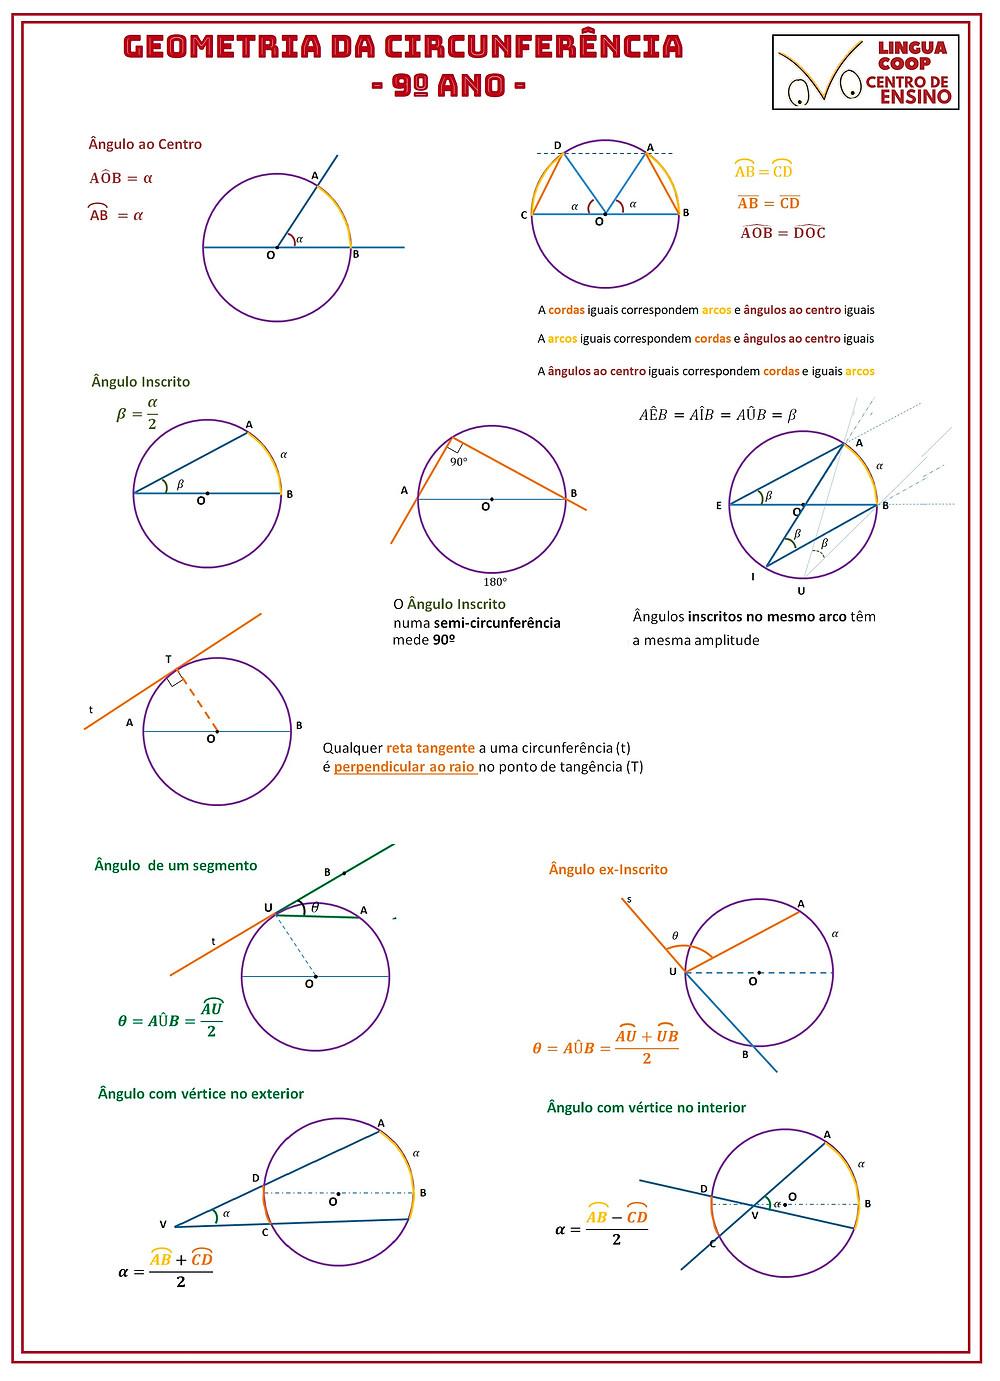 Geometria da circunferência - o essencial